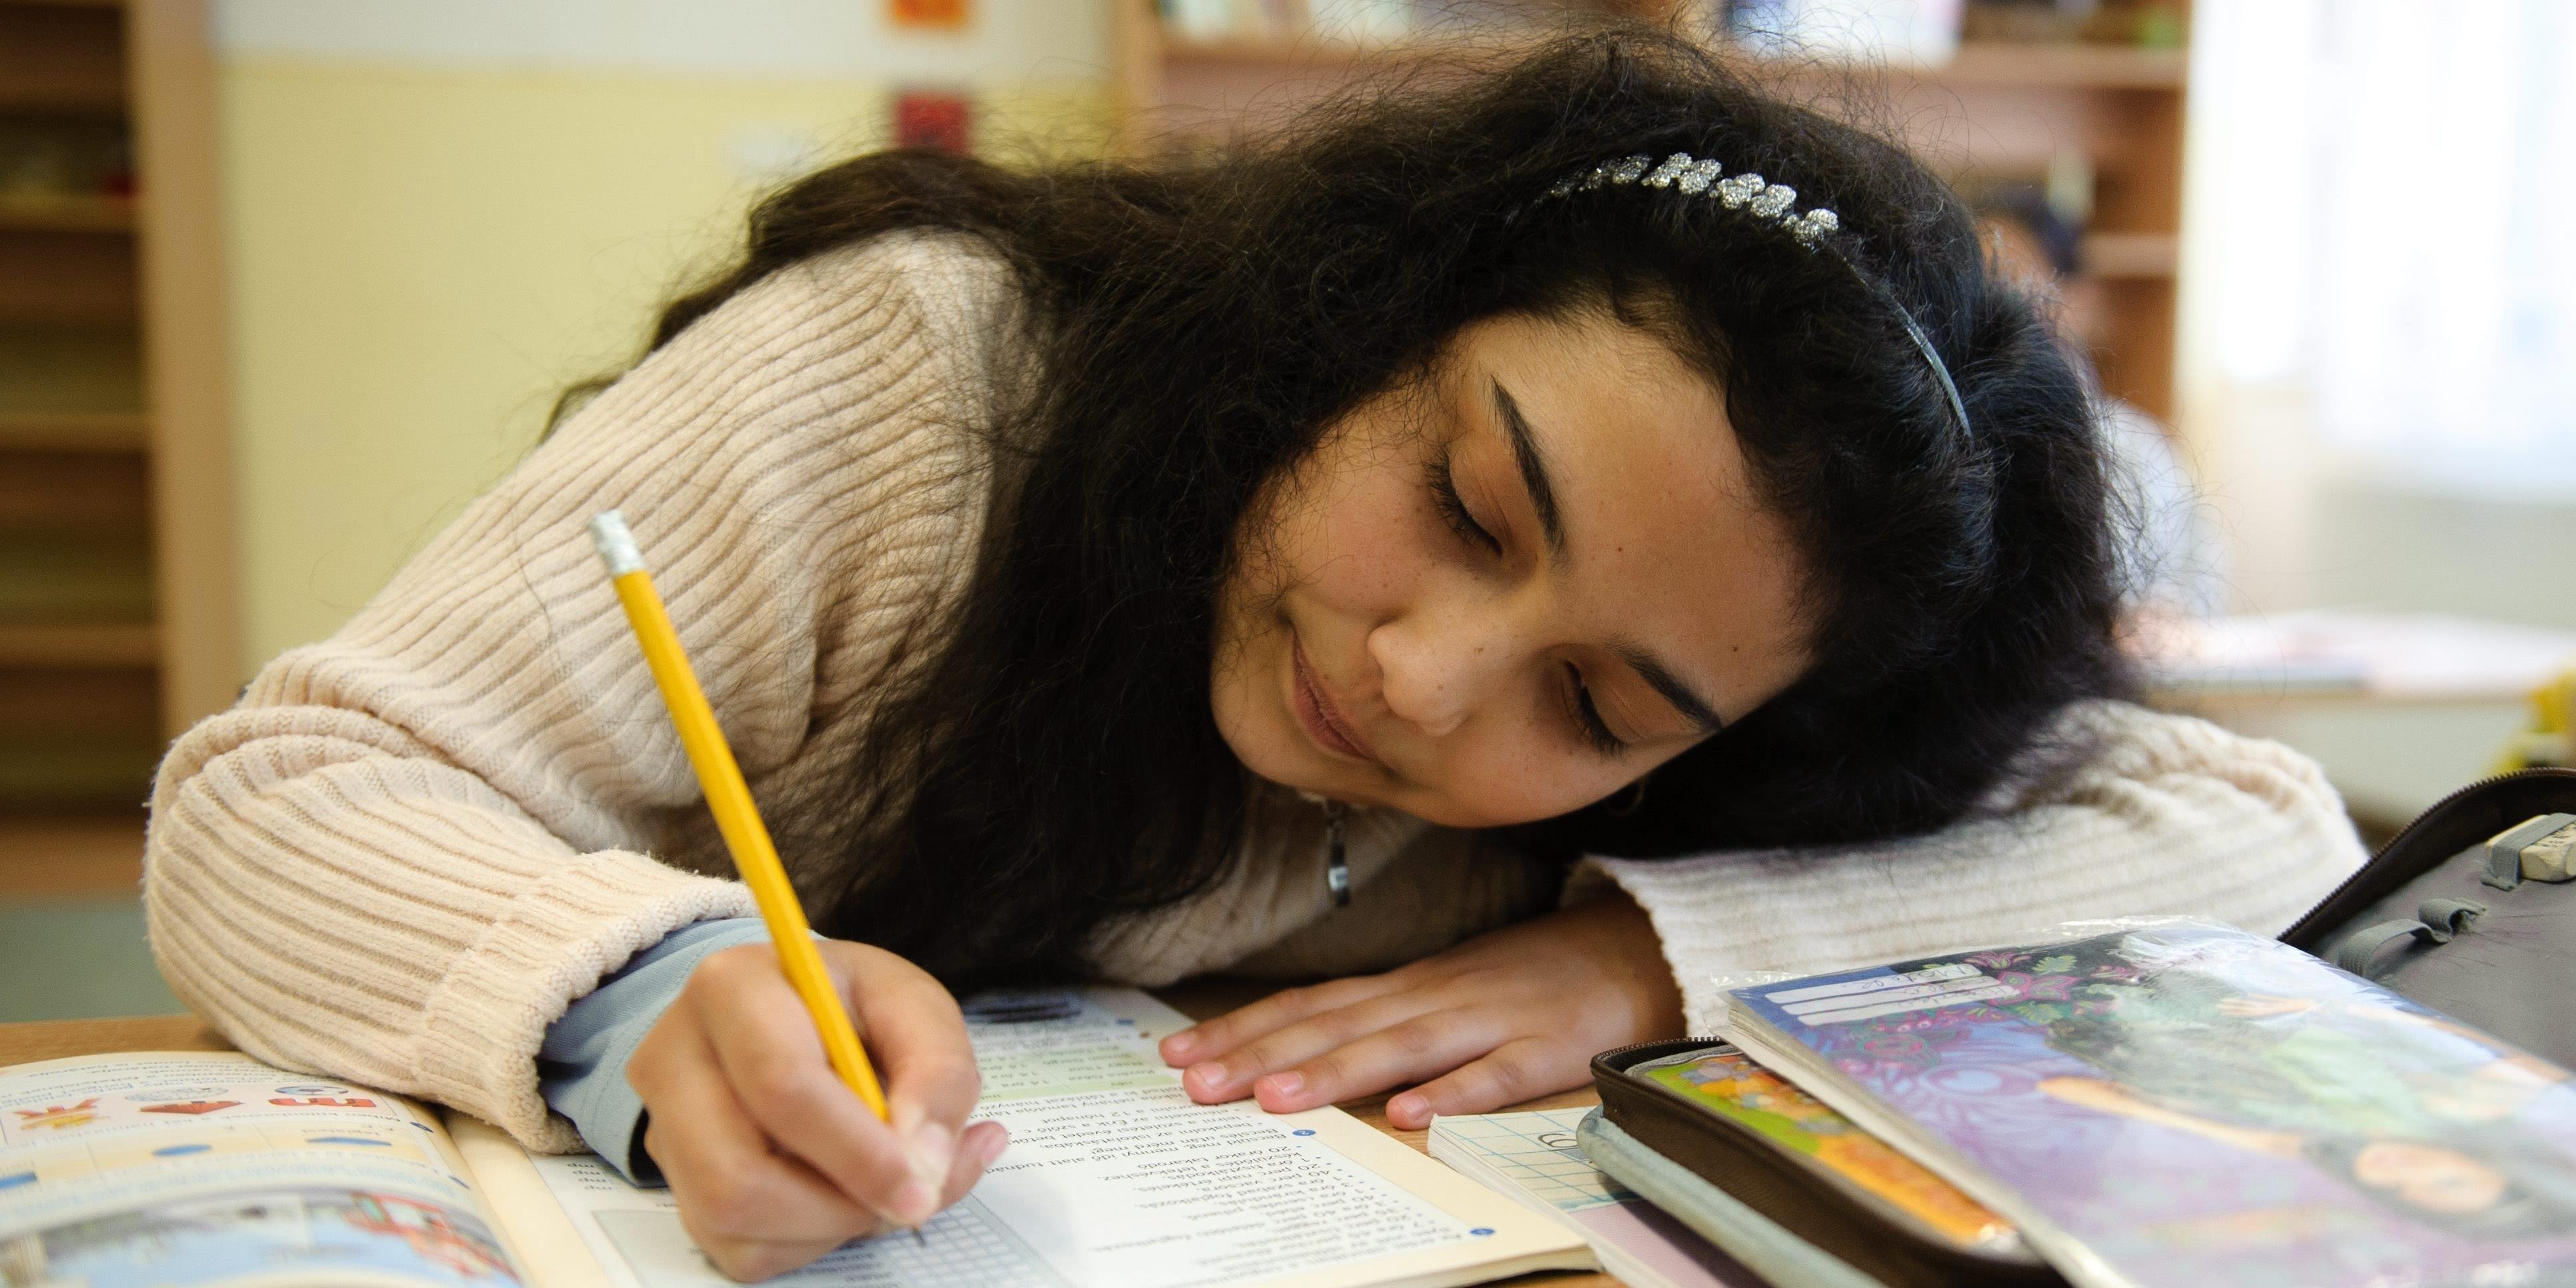 Roma származású fiatalok tanulmányainak támogatására indított pályázatot a BM OKF